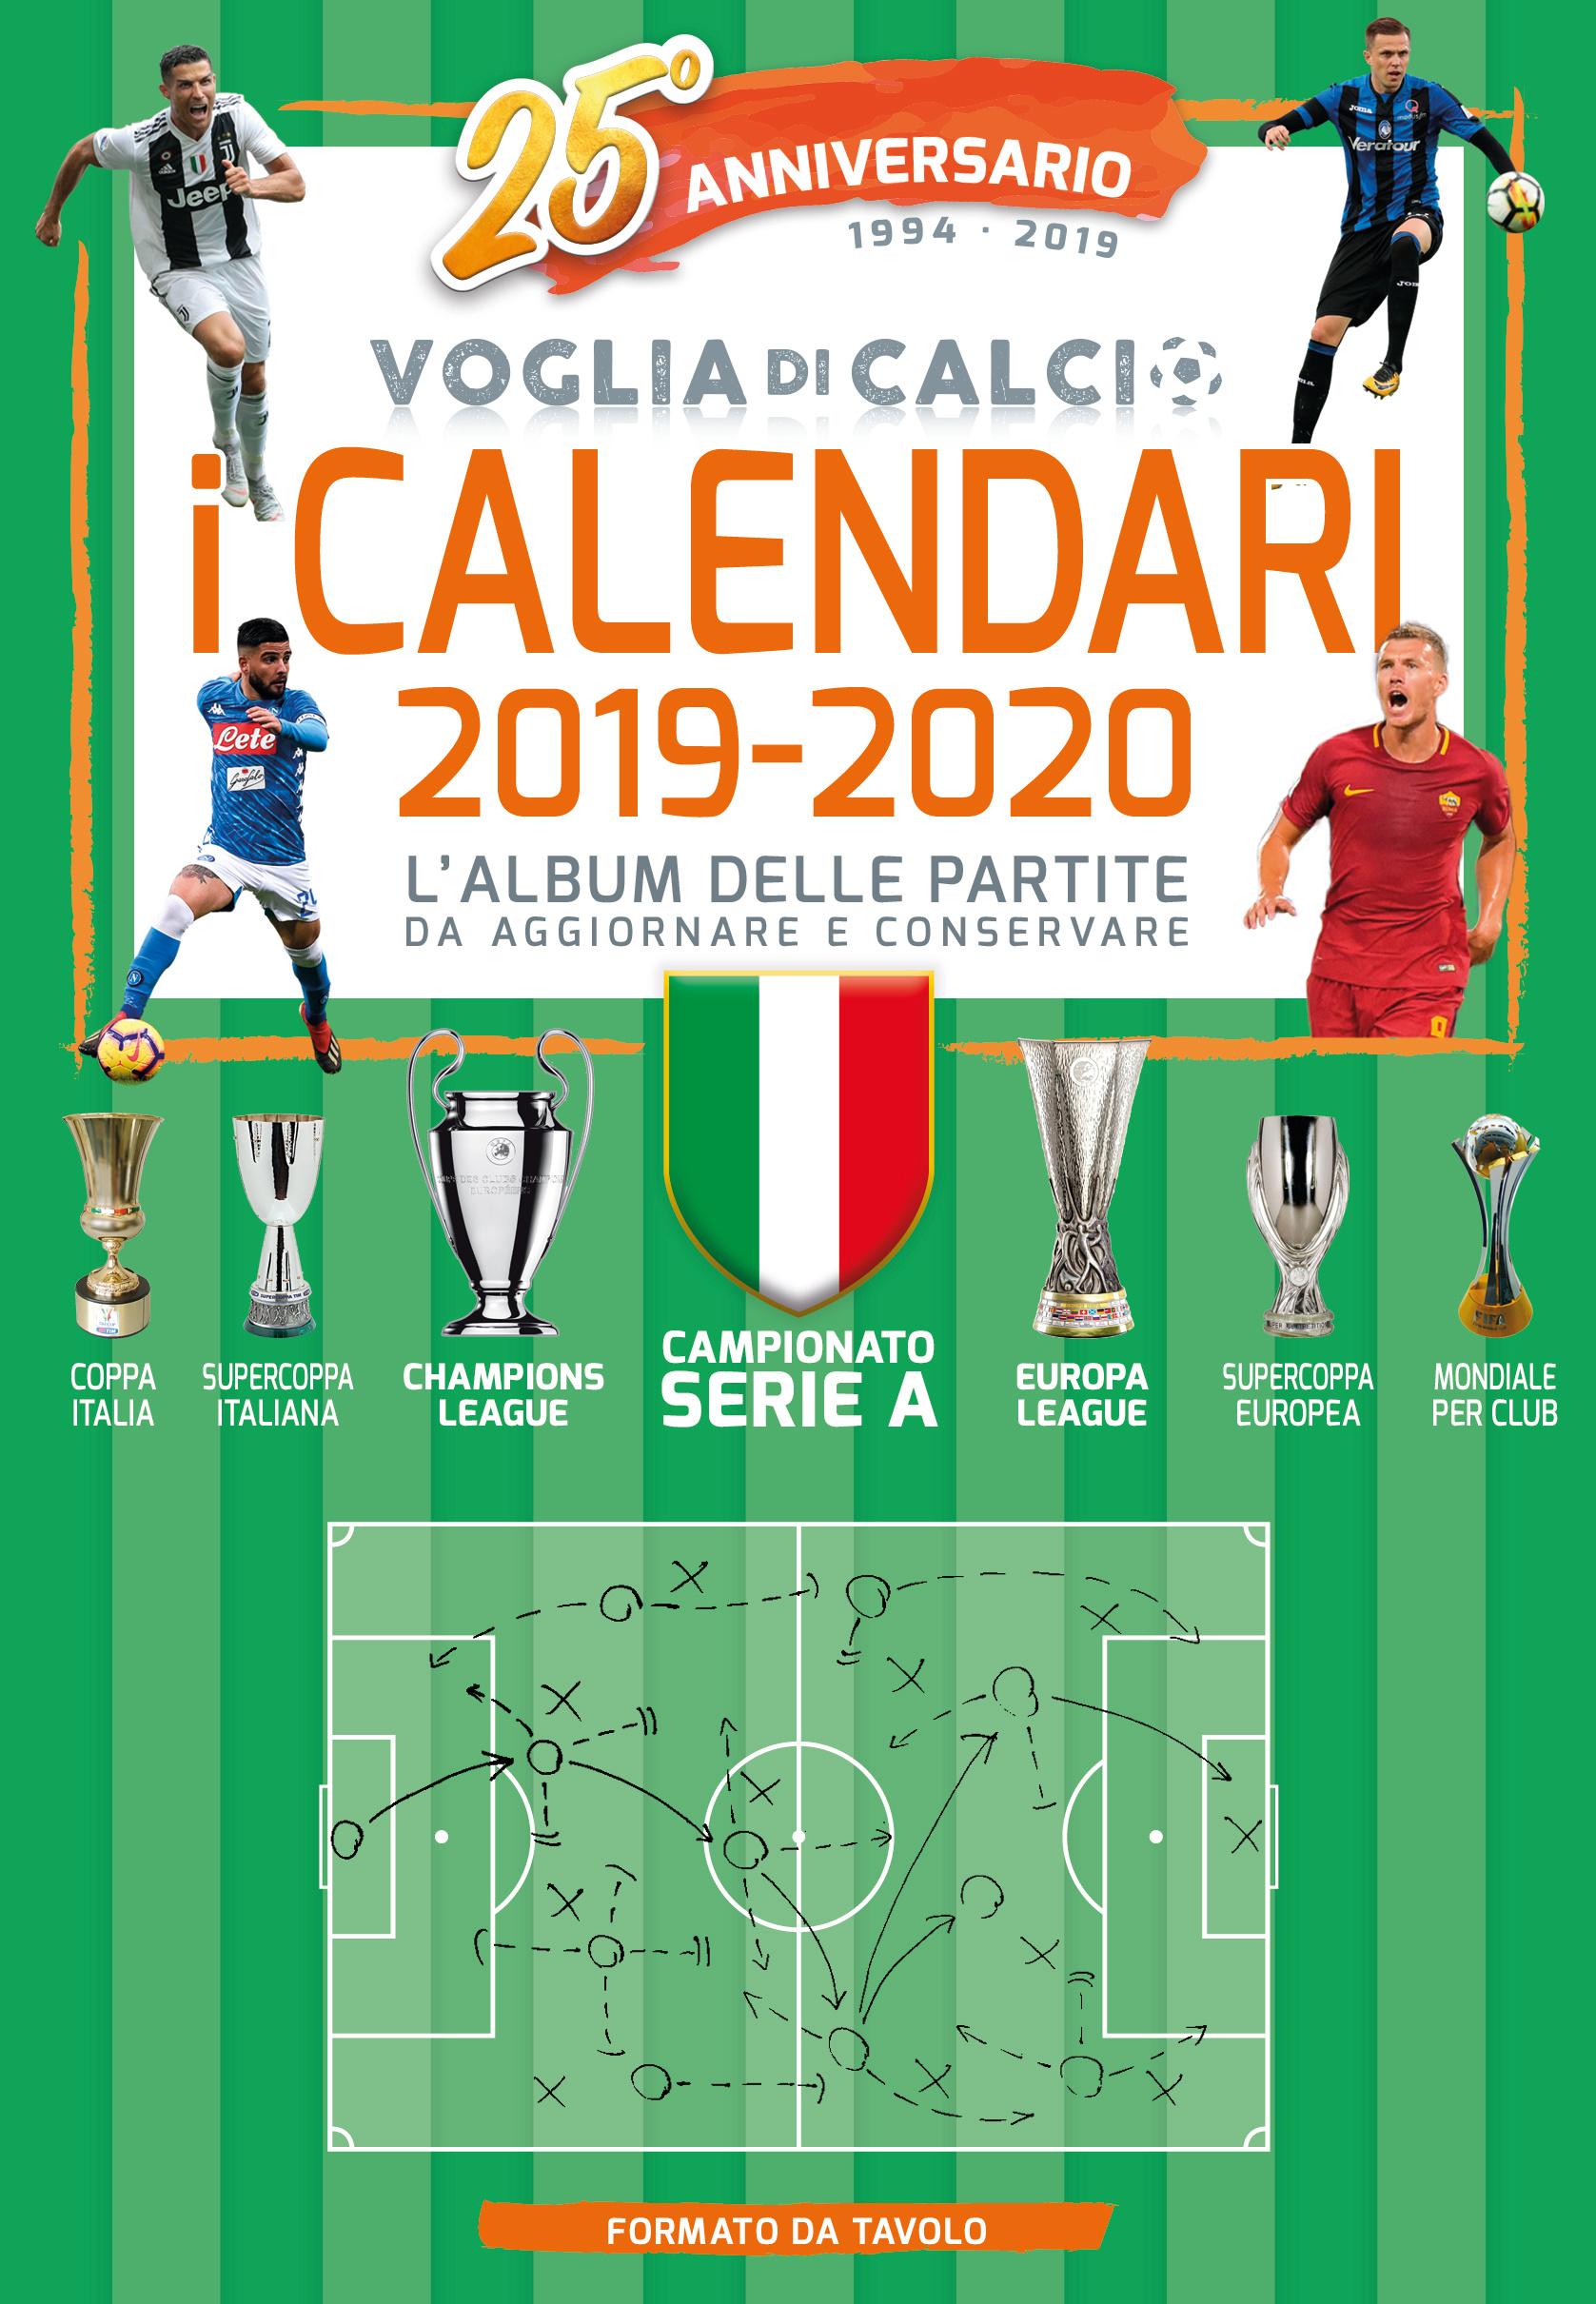 CALENDARIO DA TAVOLO 2019-2020